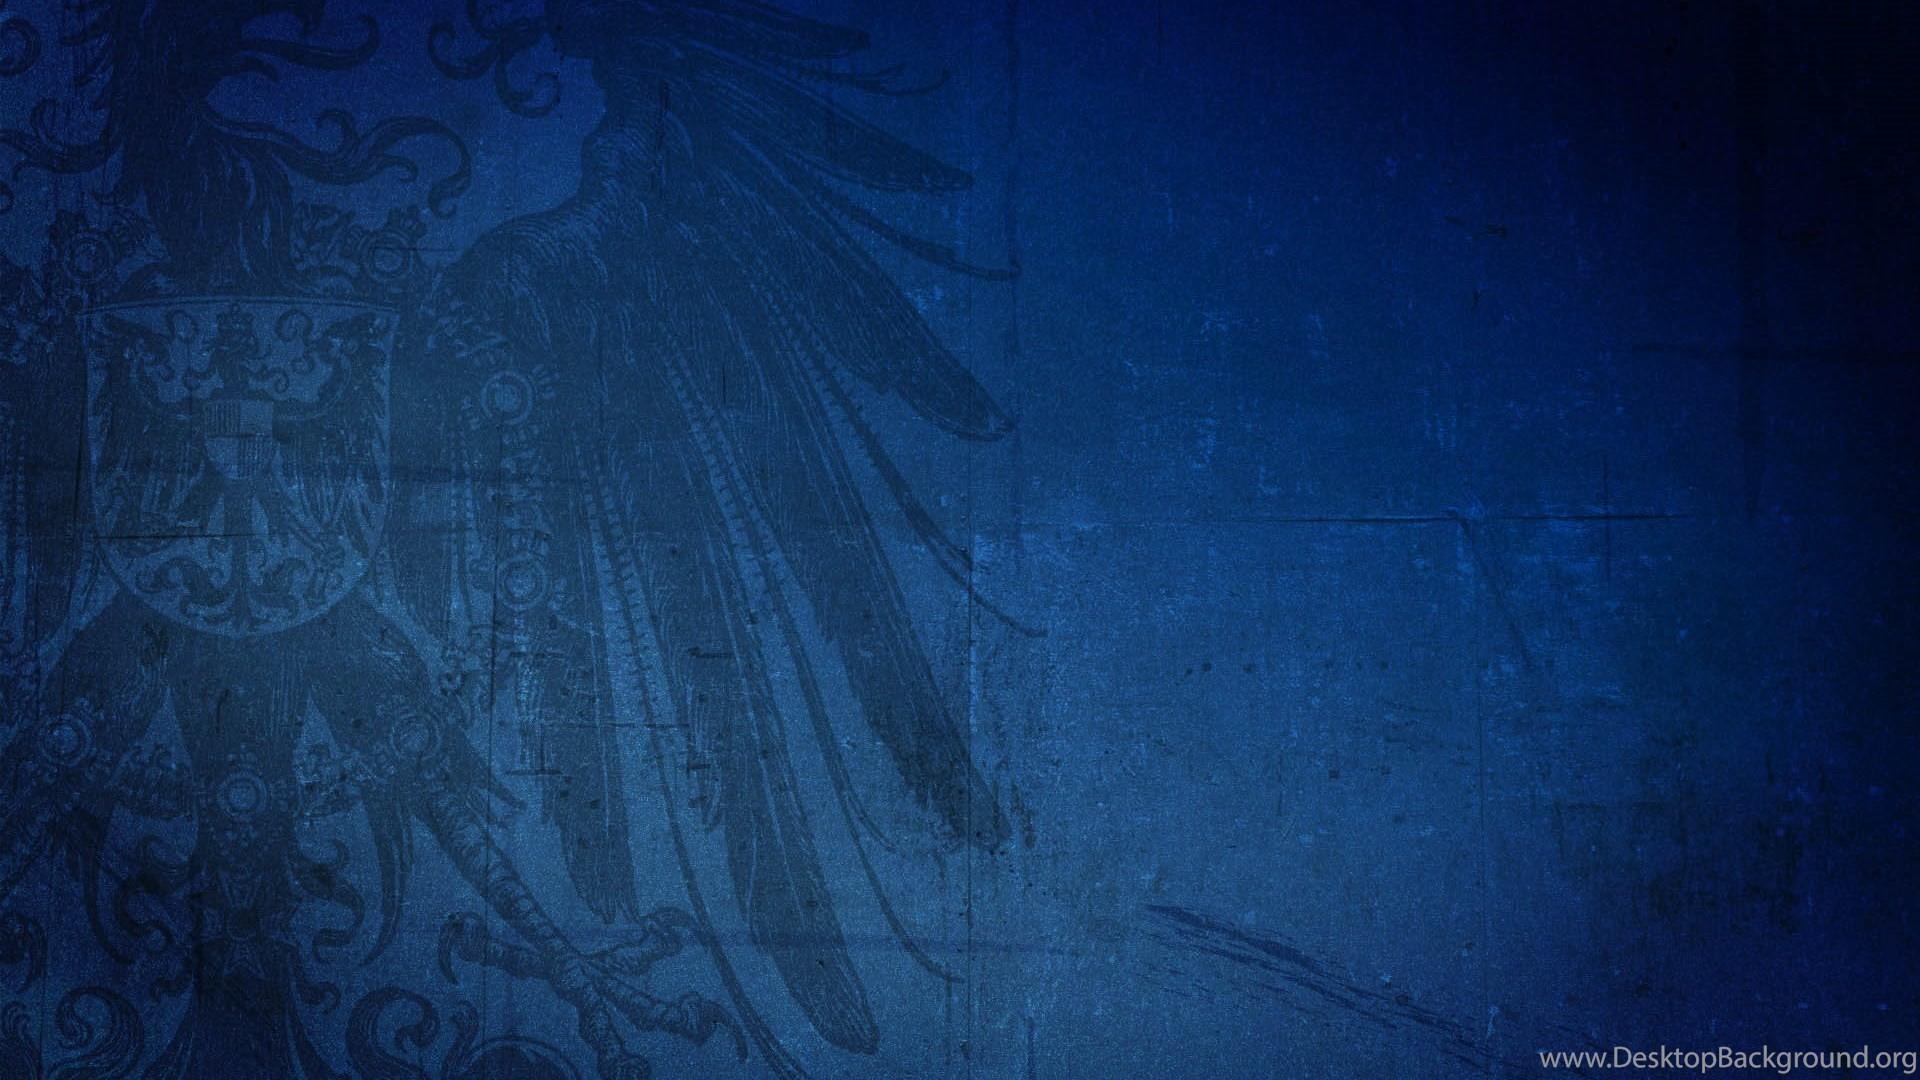 Desktop Background 1366x768 73 Images